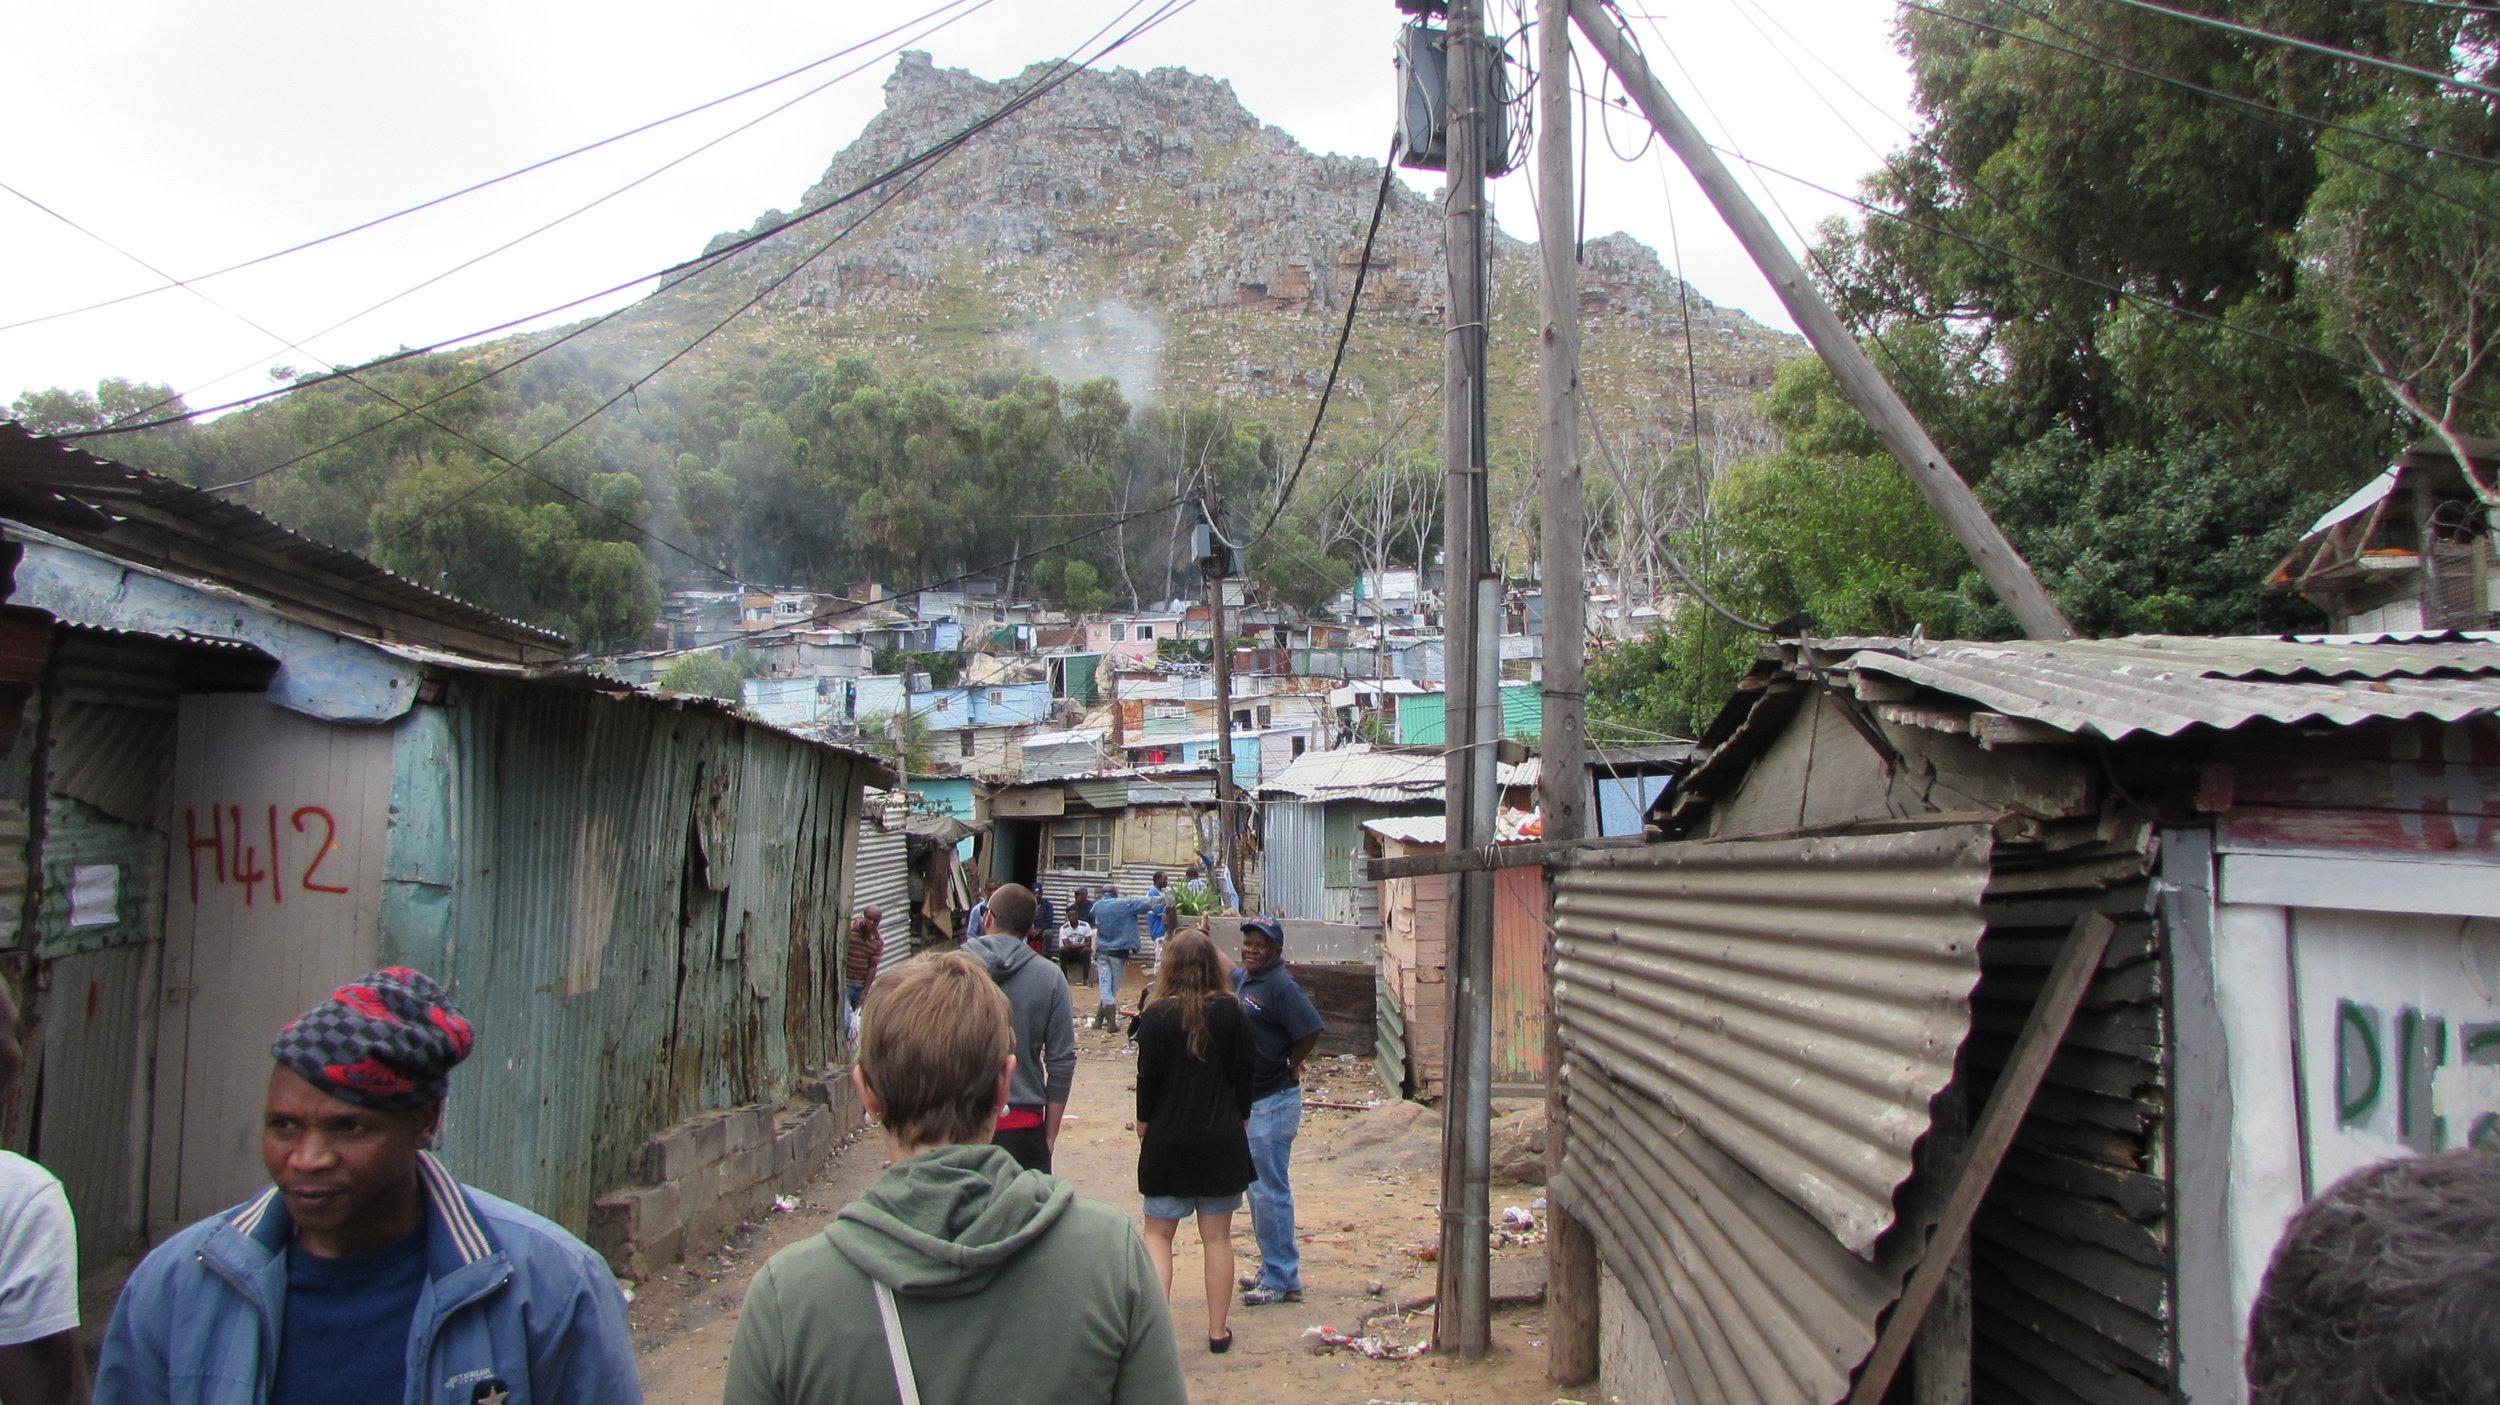 Imizamo Tethu township in Hout Bay